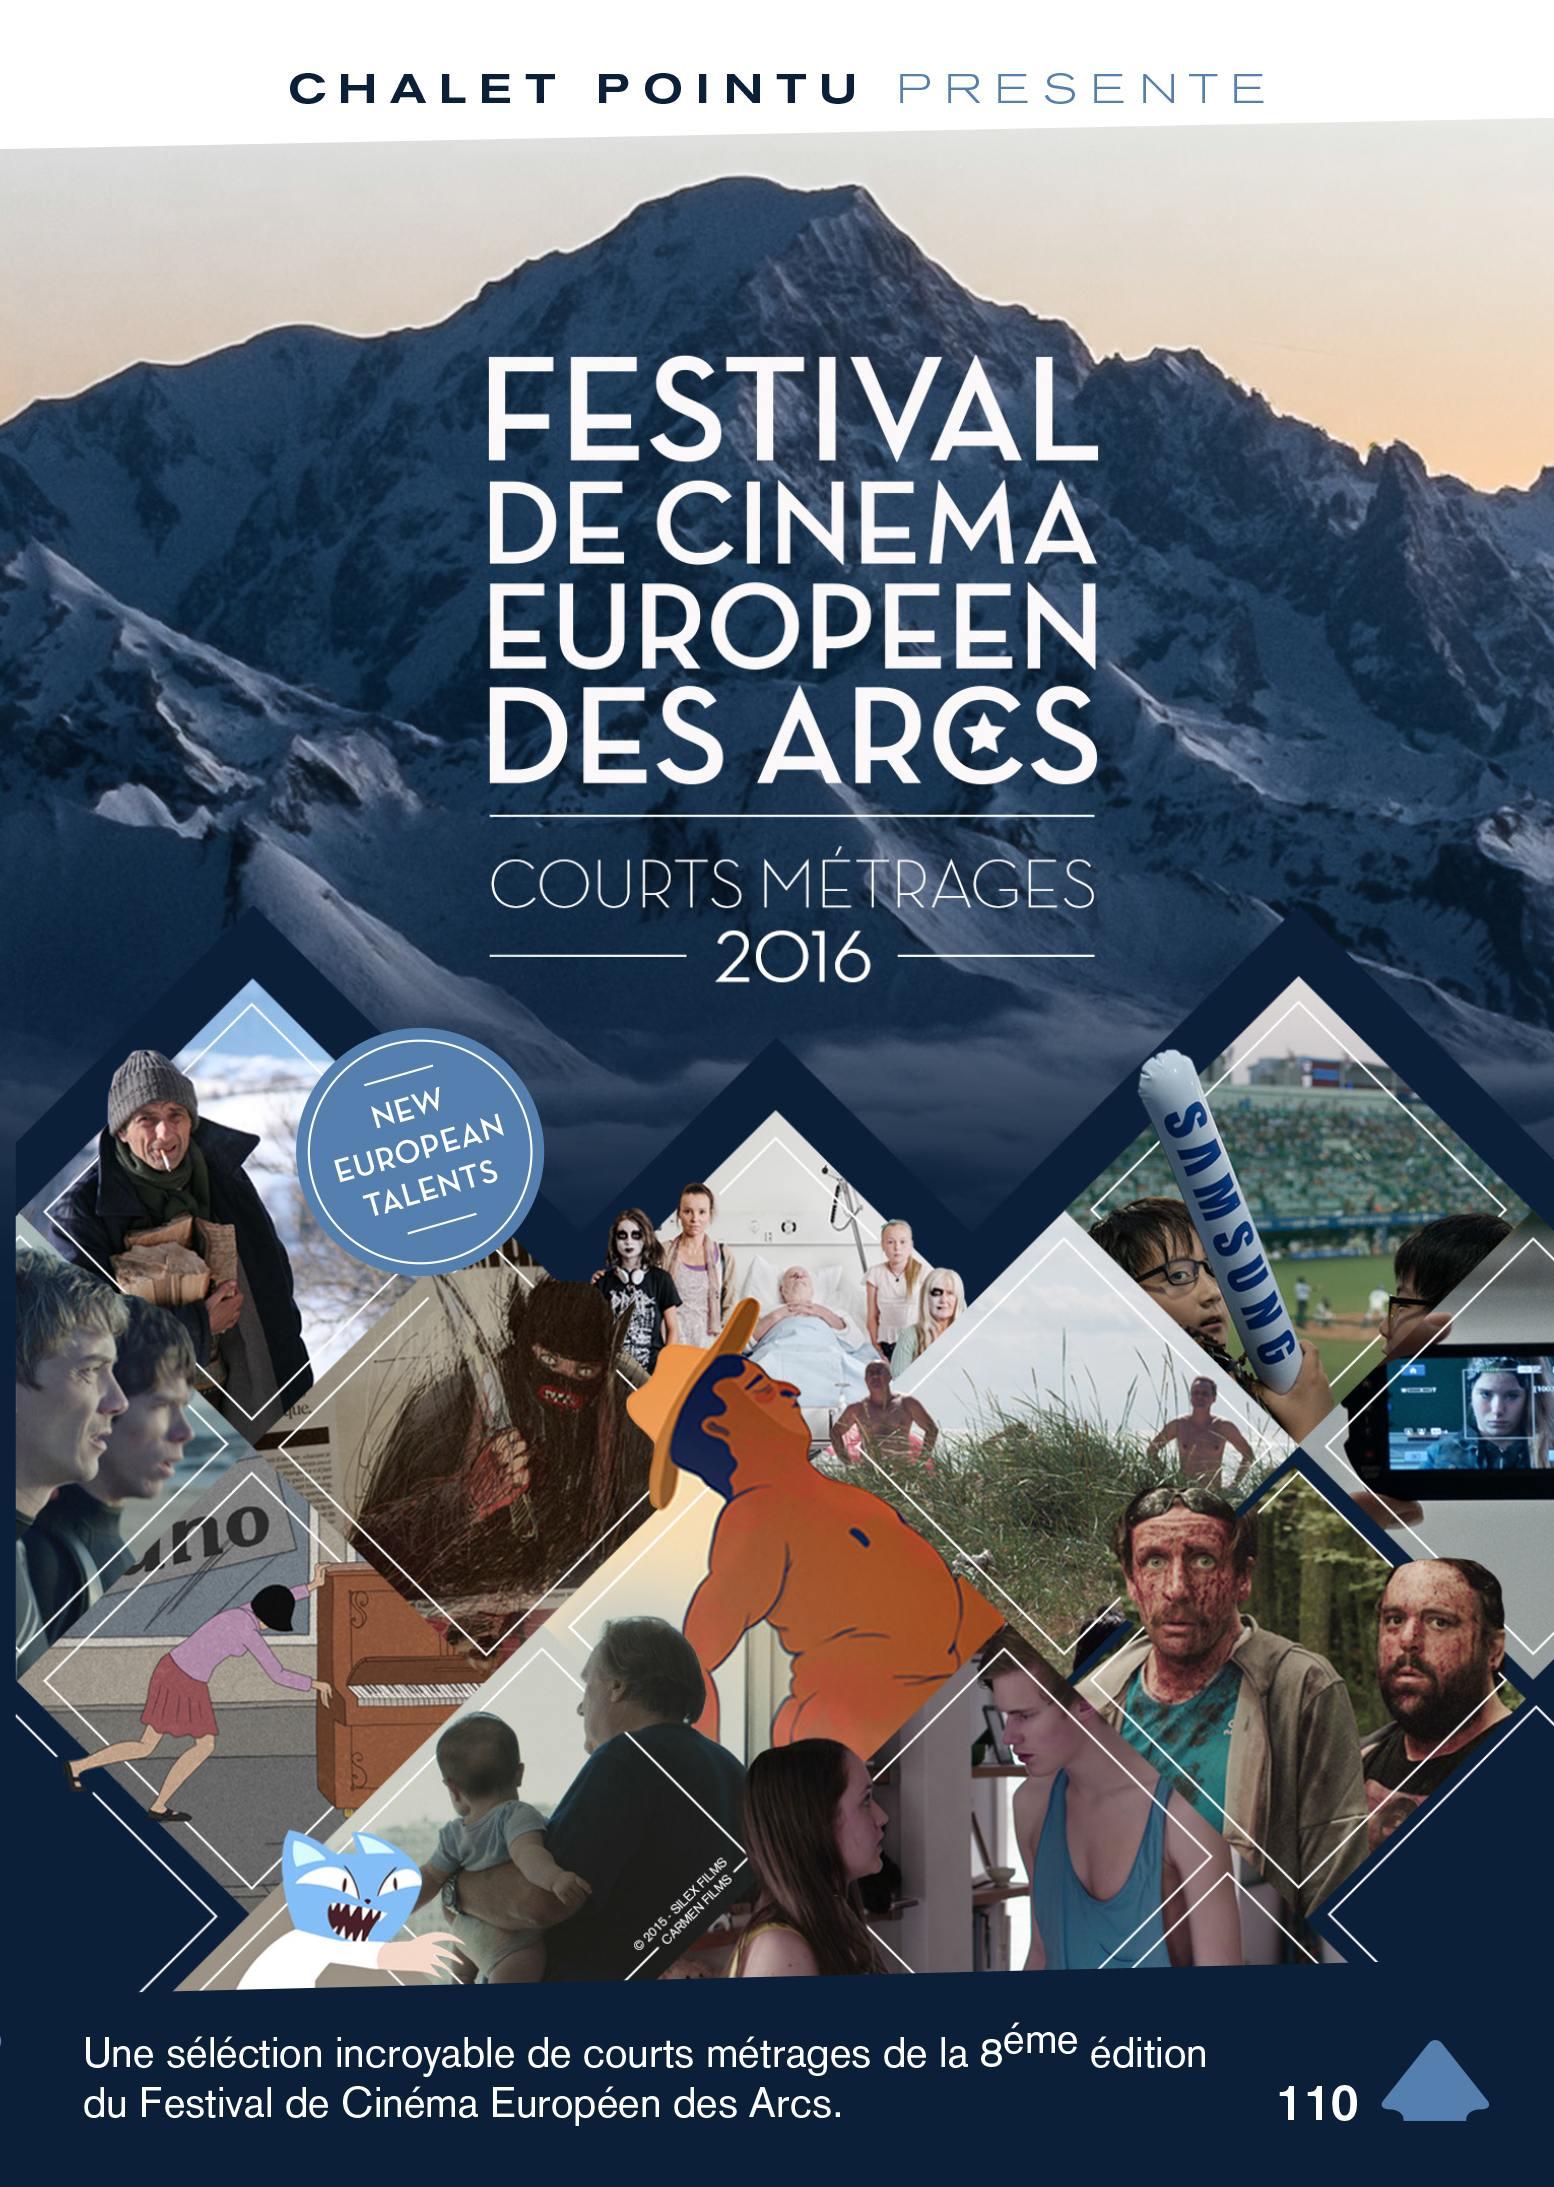 Festival de cinema europeen des arcs - courts metrages 2016 - dvd